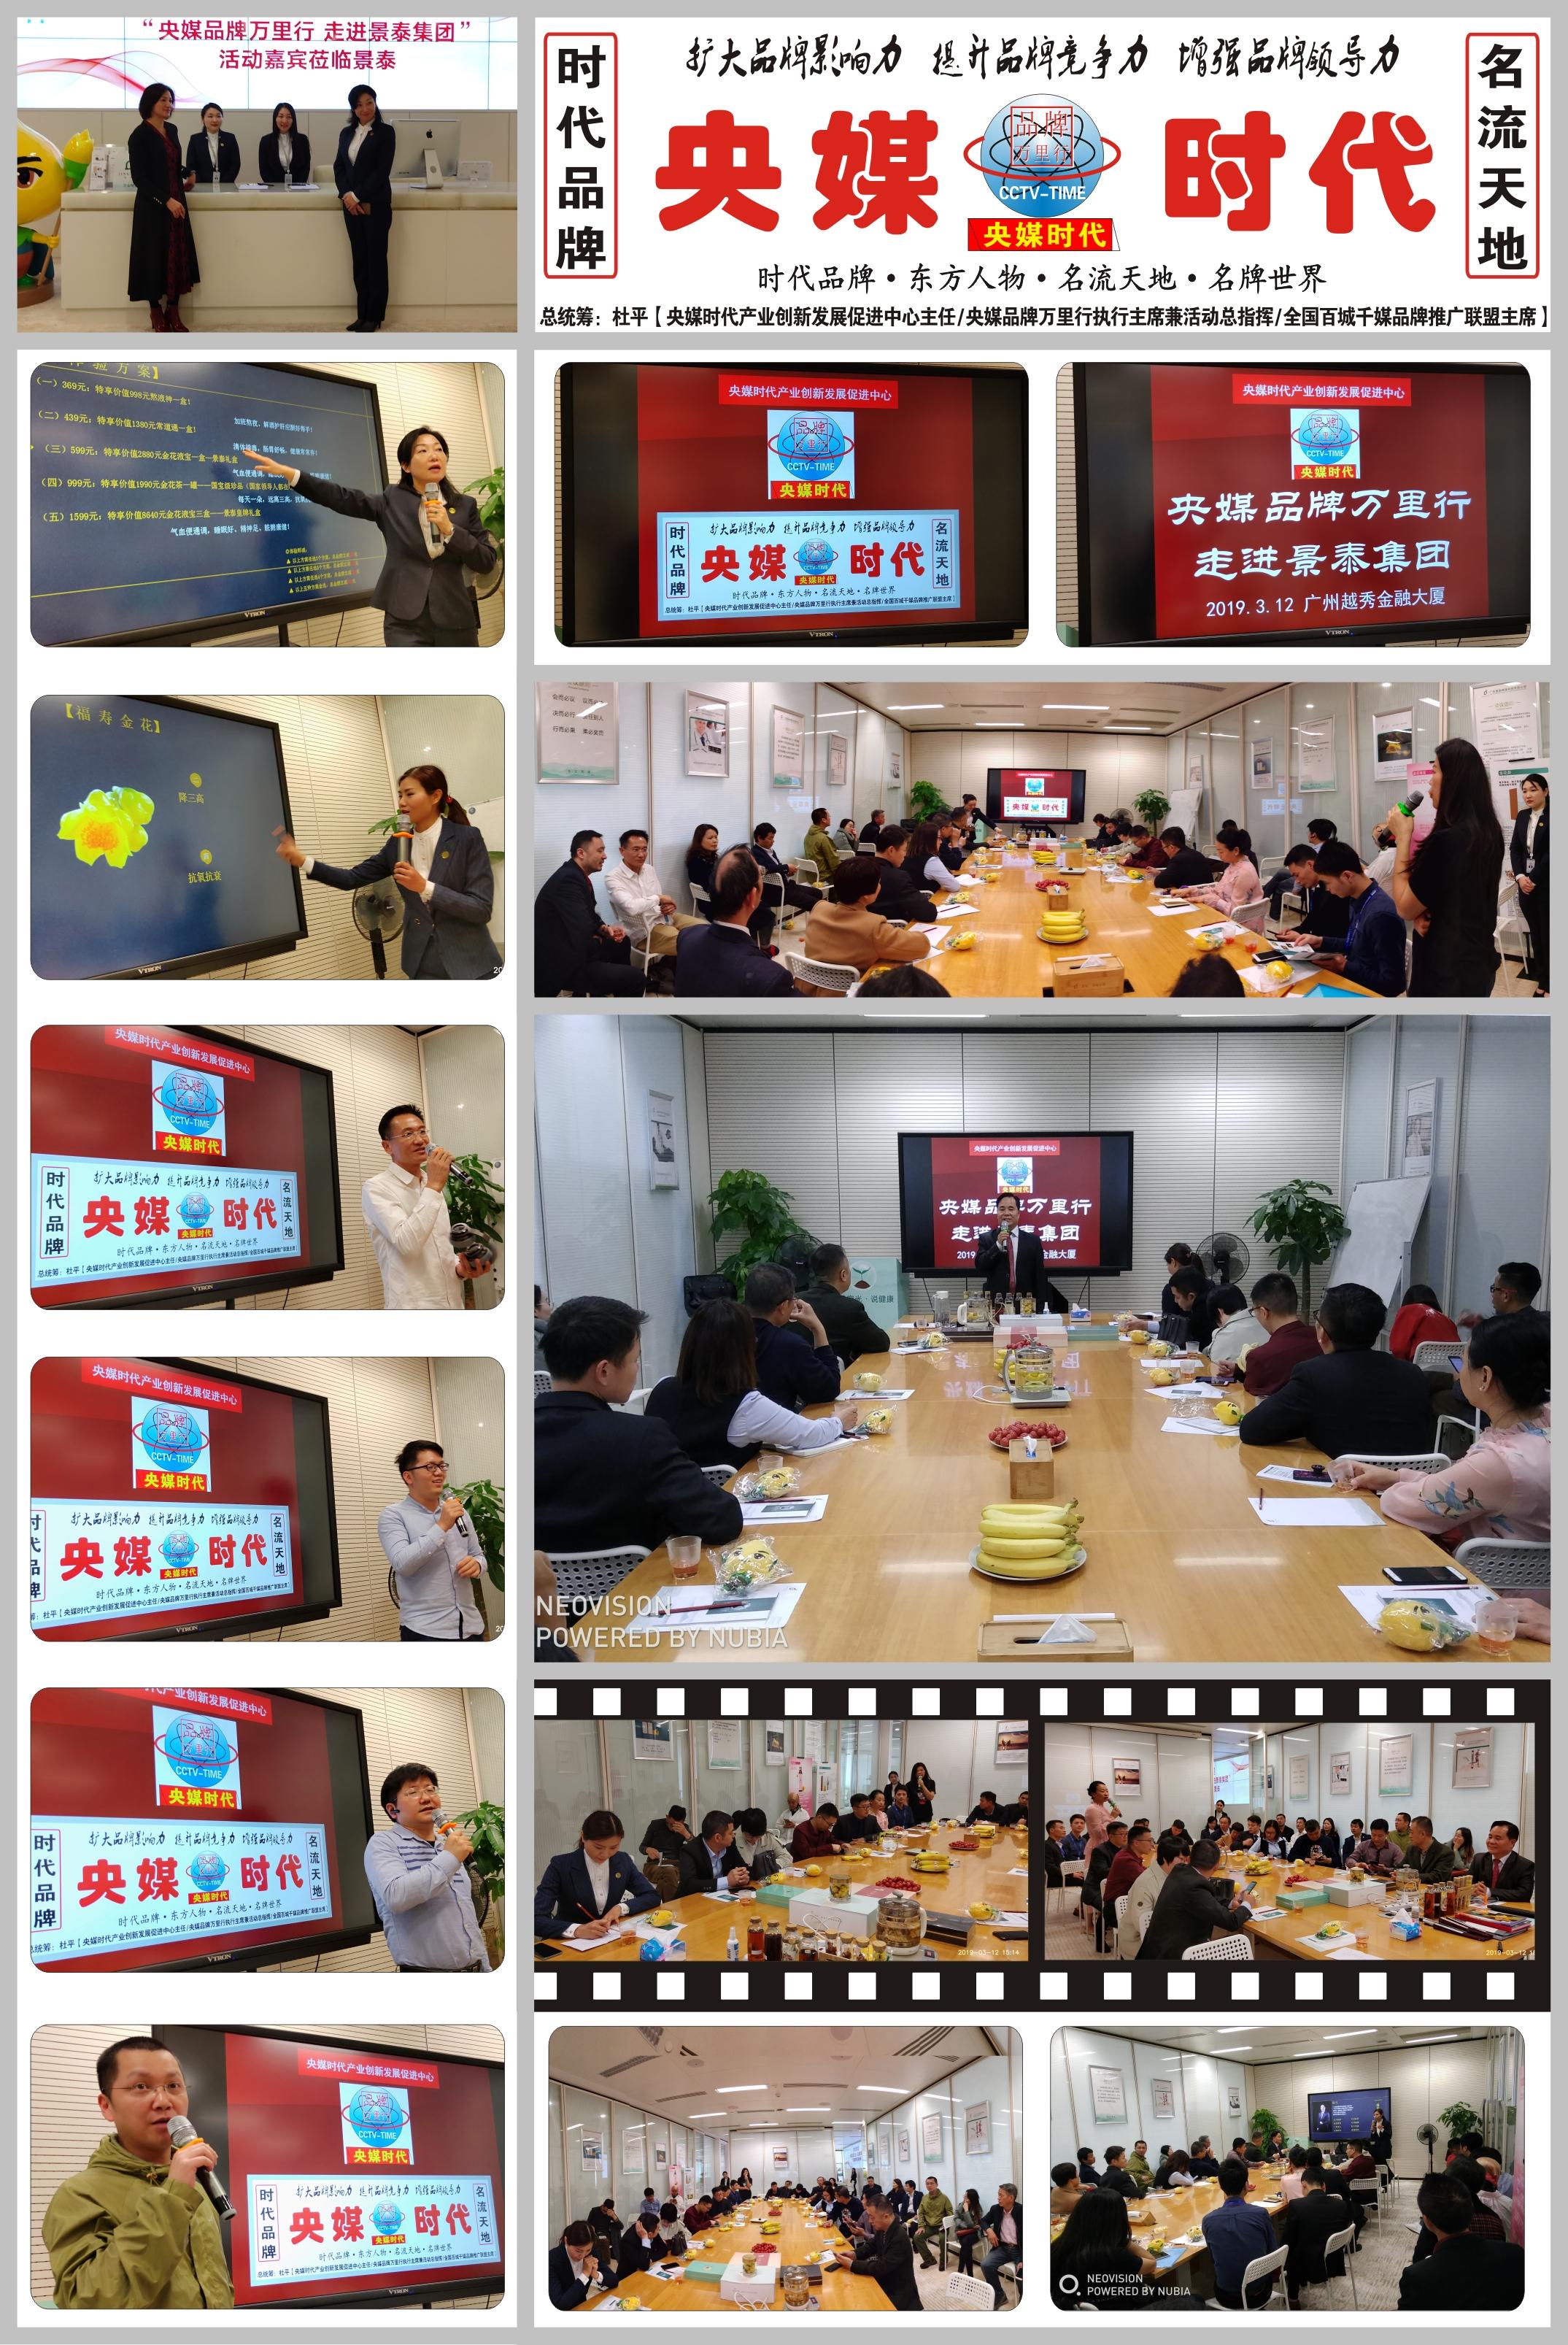 央媒时代发布会在广州举行